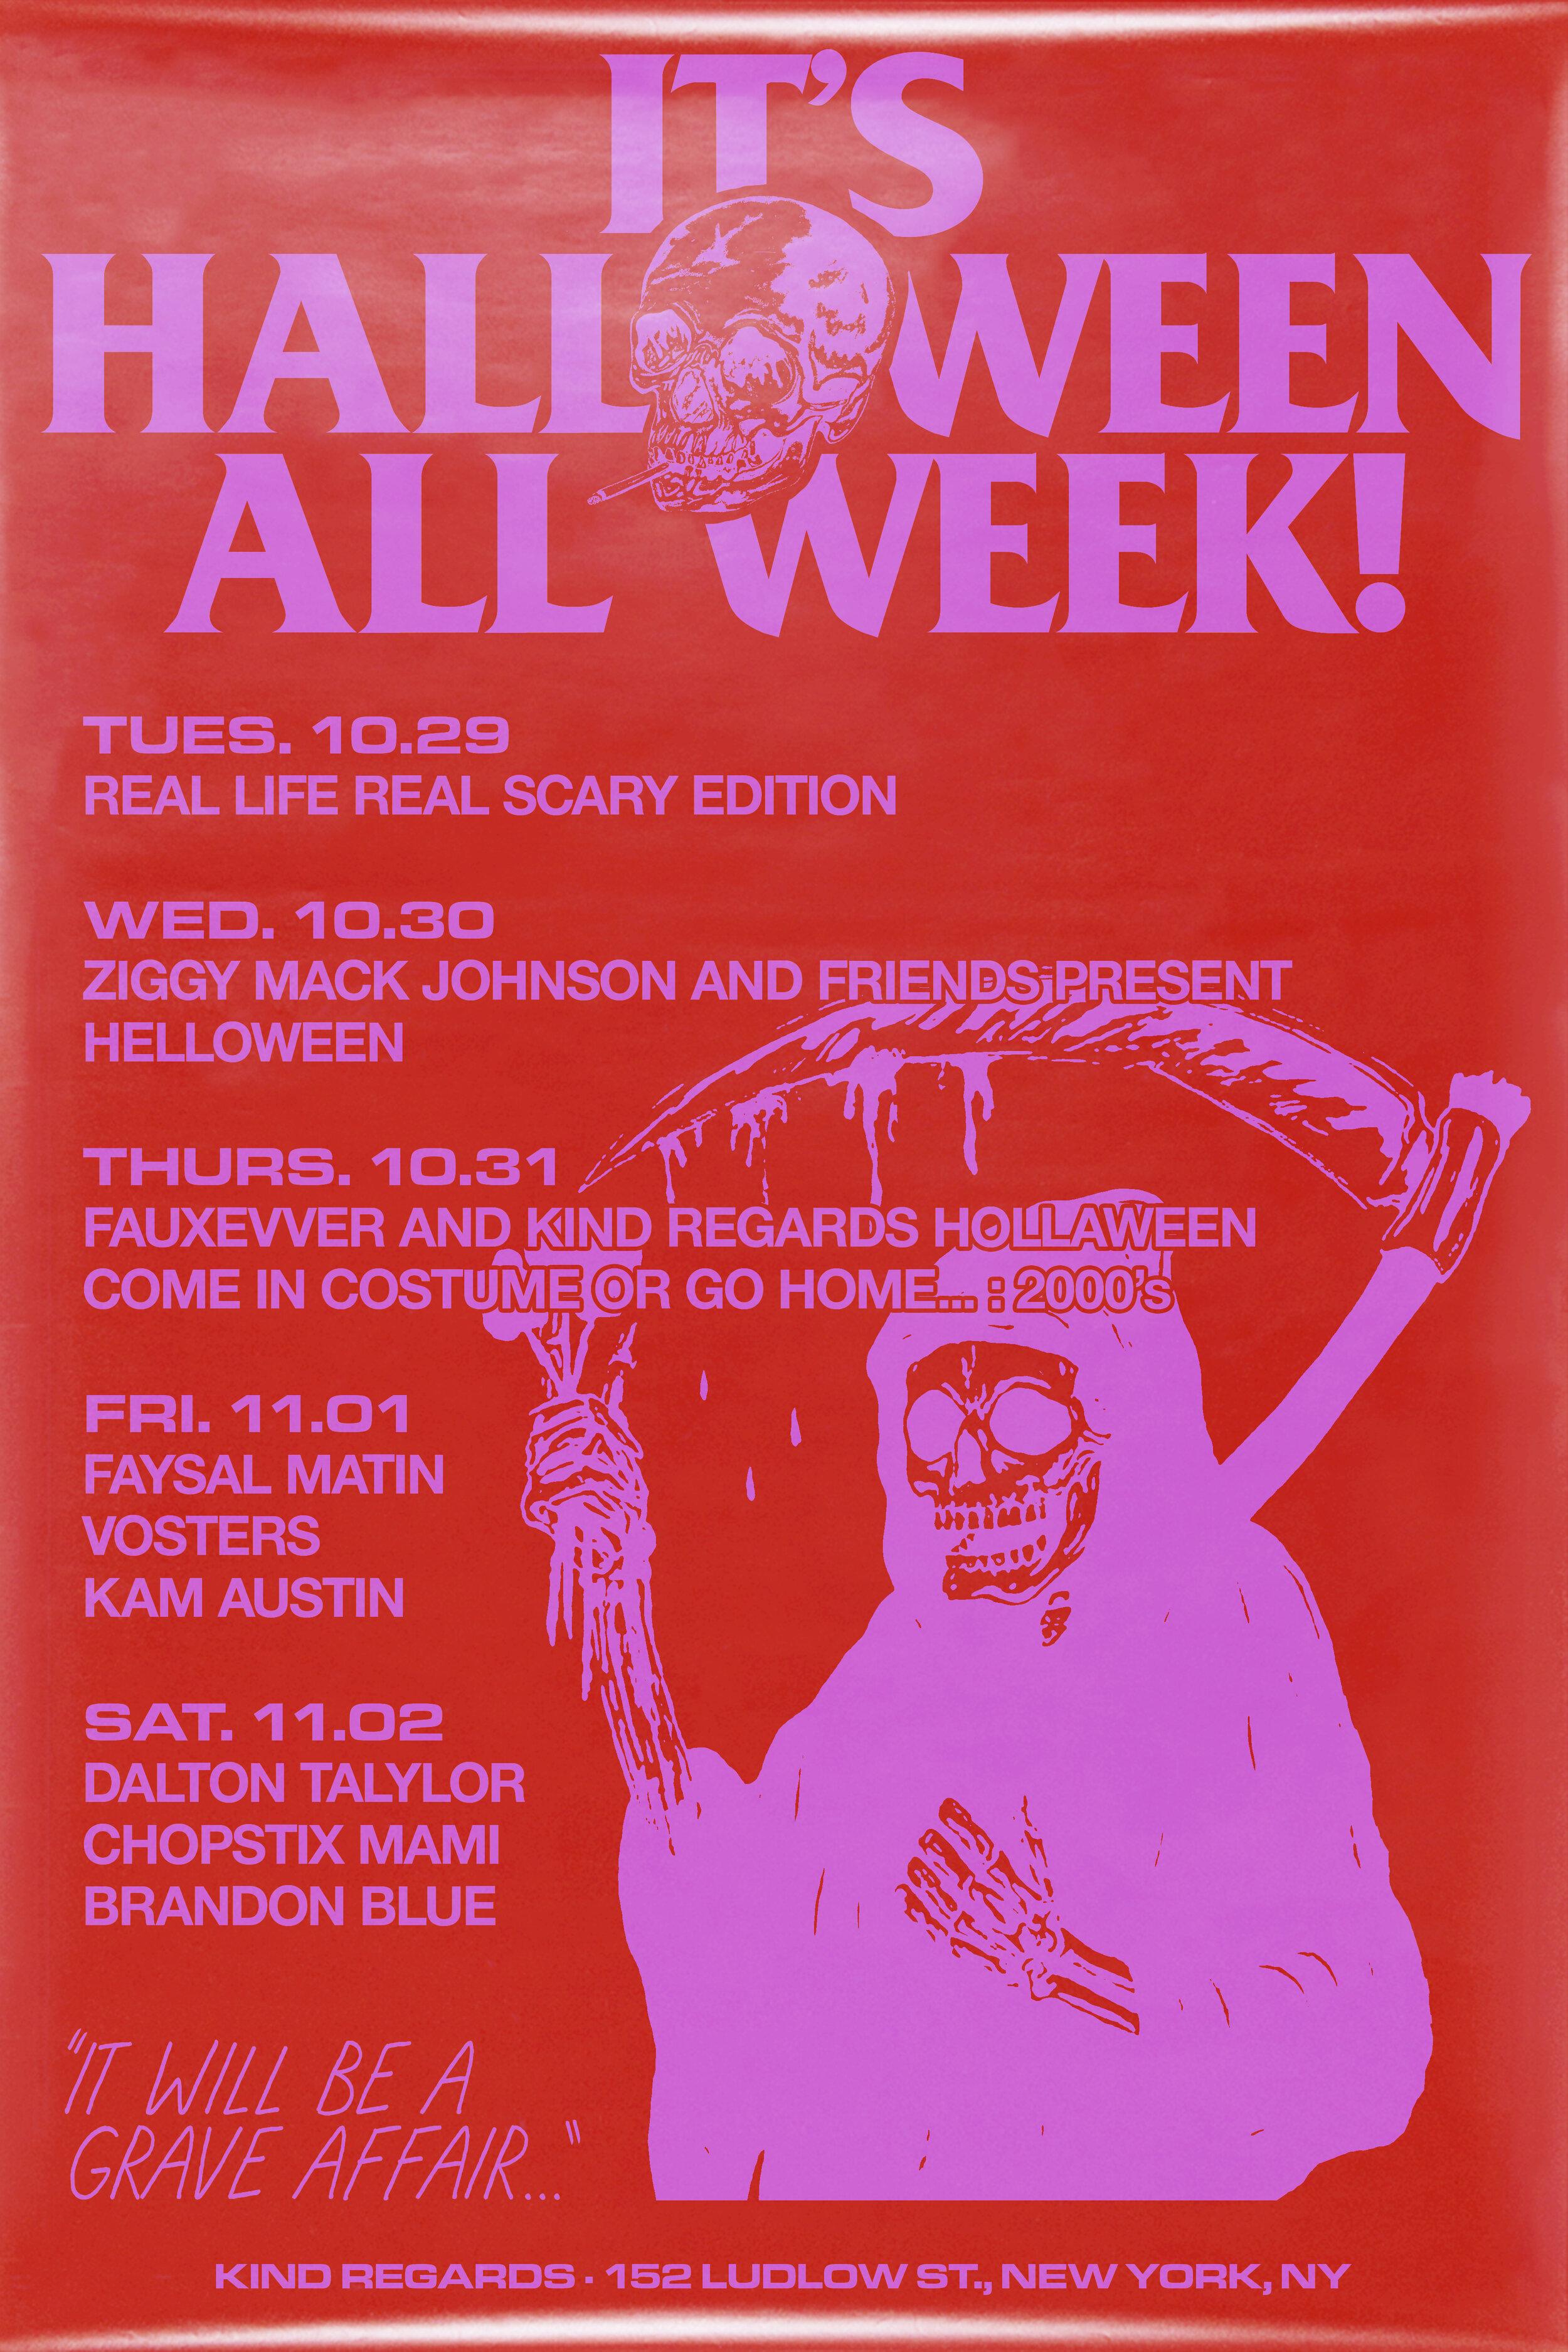 kind regards halloween week poster revised.jpg